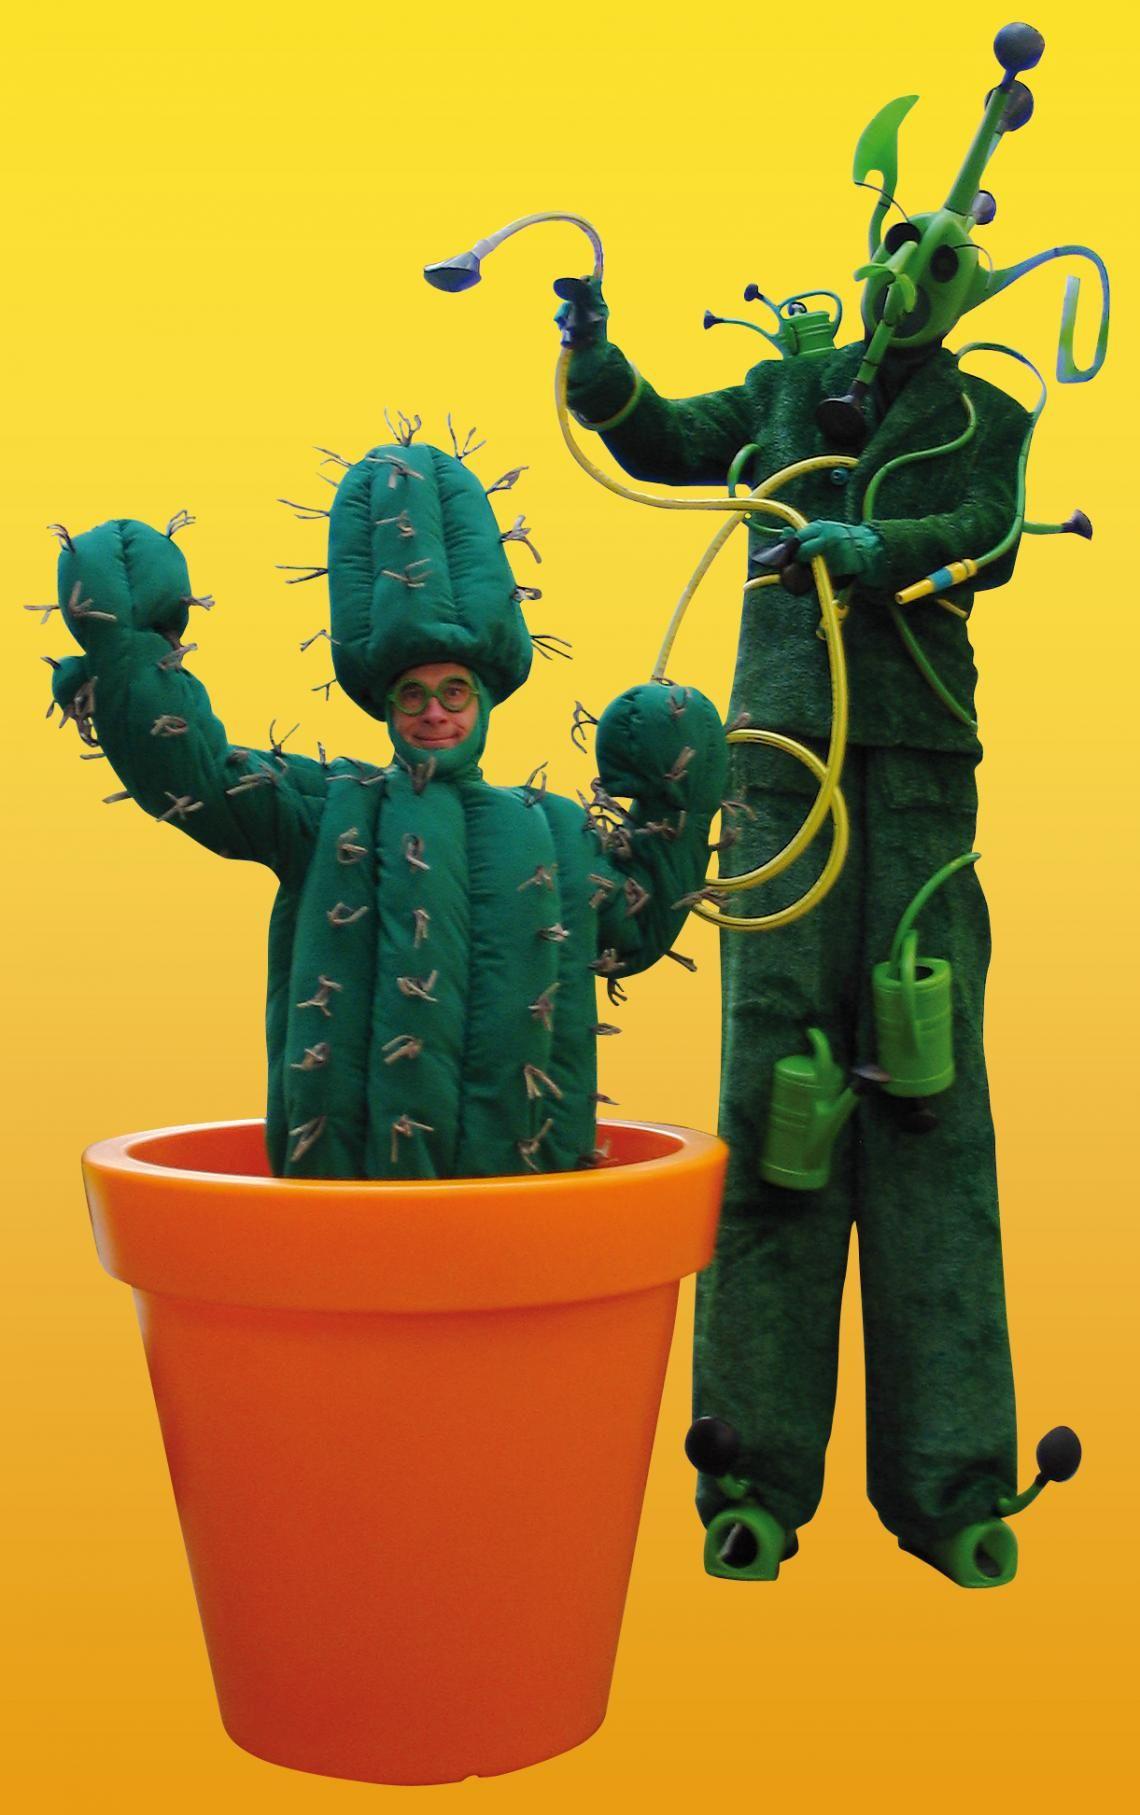 """PICO BELLO's """"Living Garden"""" PICO BELLO's """"Living Garden"""" -  ....auffällig anders! Der kleine grüne Kaktus steht nicht mehr auf dem Balkon...;mit seinem futuristischen Giesskannenfreund macht er sich auf und davon..."""